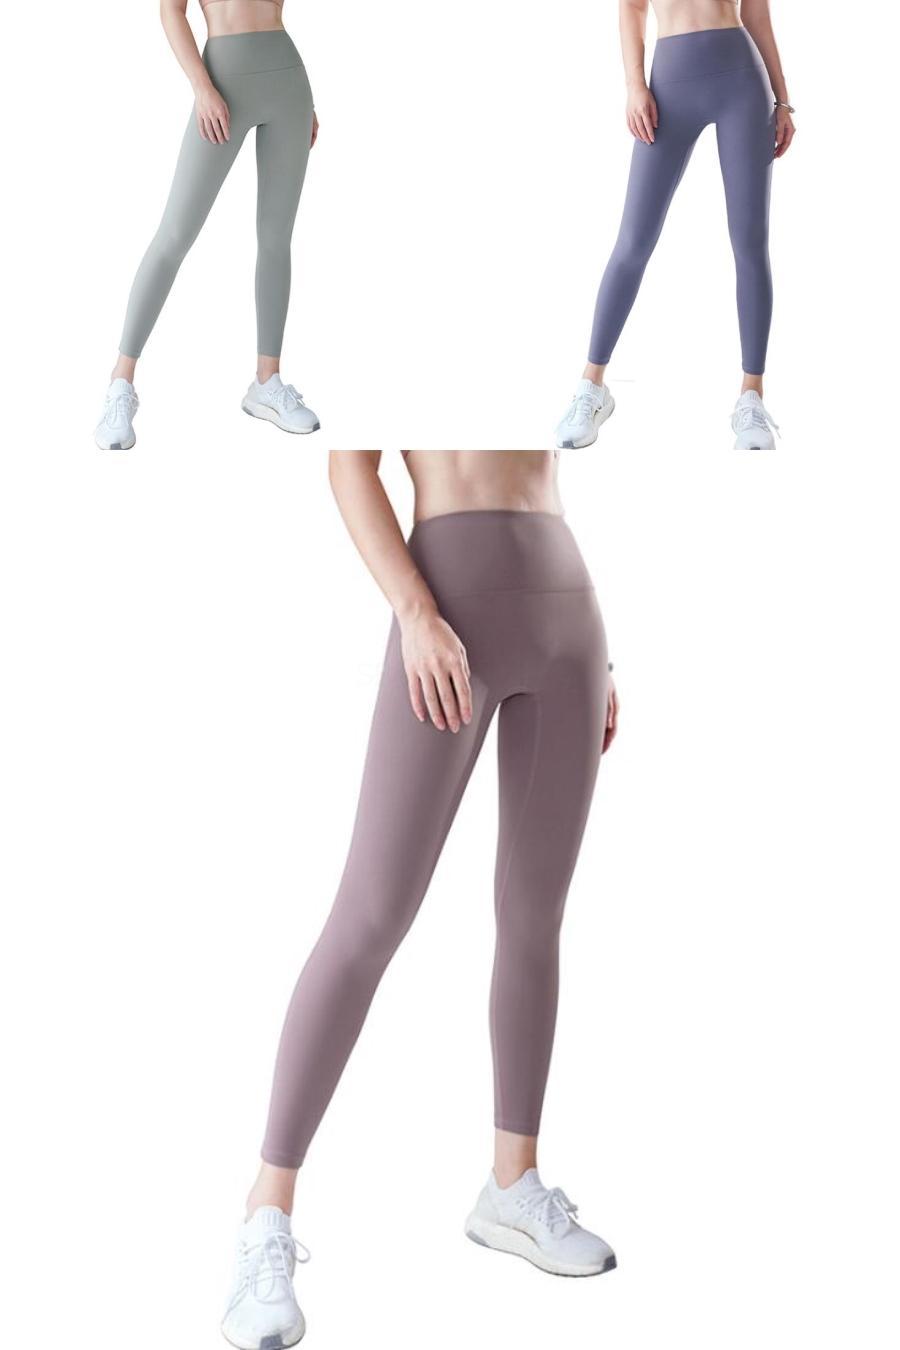 Зазор Американский флаг Igh талии Широкий ноги брюки палаццо брюки Женщины Flare Arem Повседневный Сыпучие Багги Sweatpants Pantalones Mujer # 520